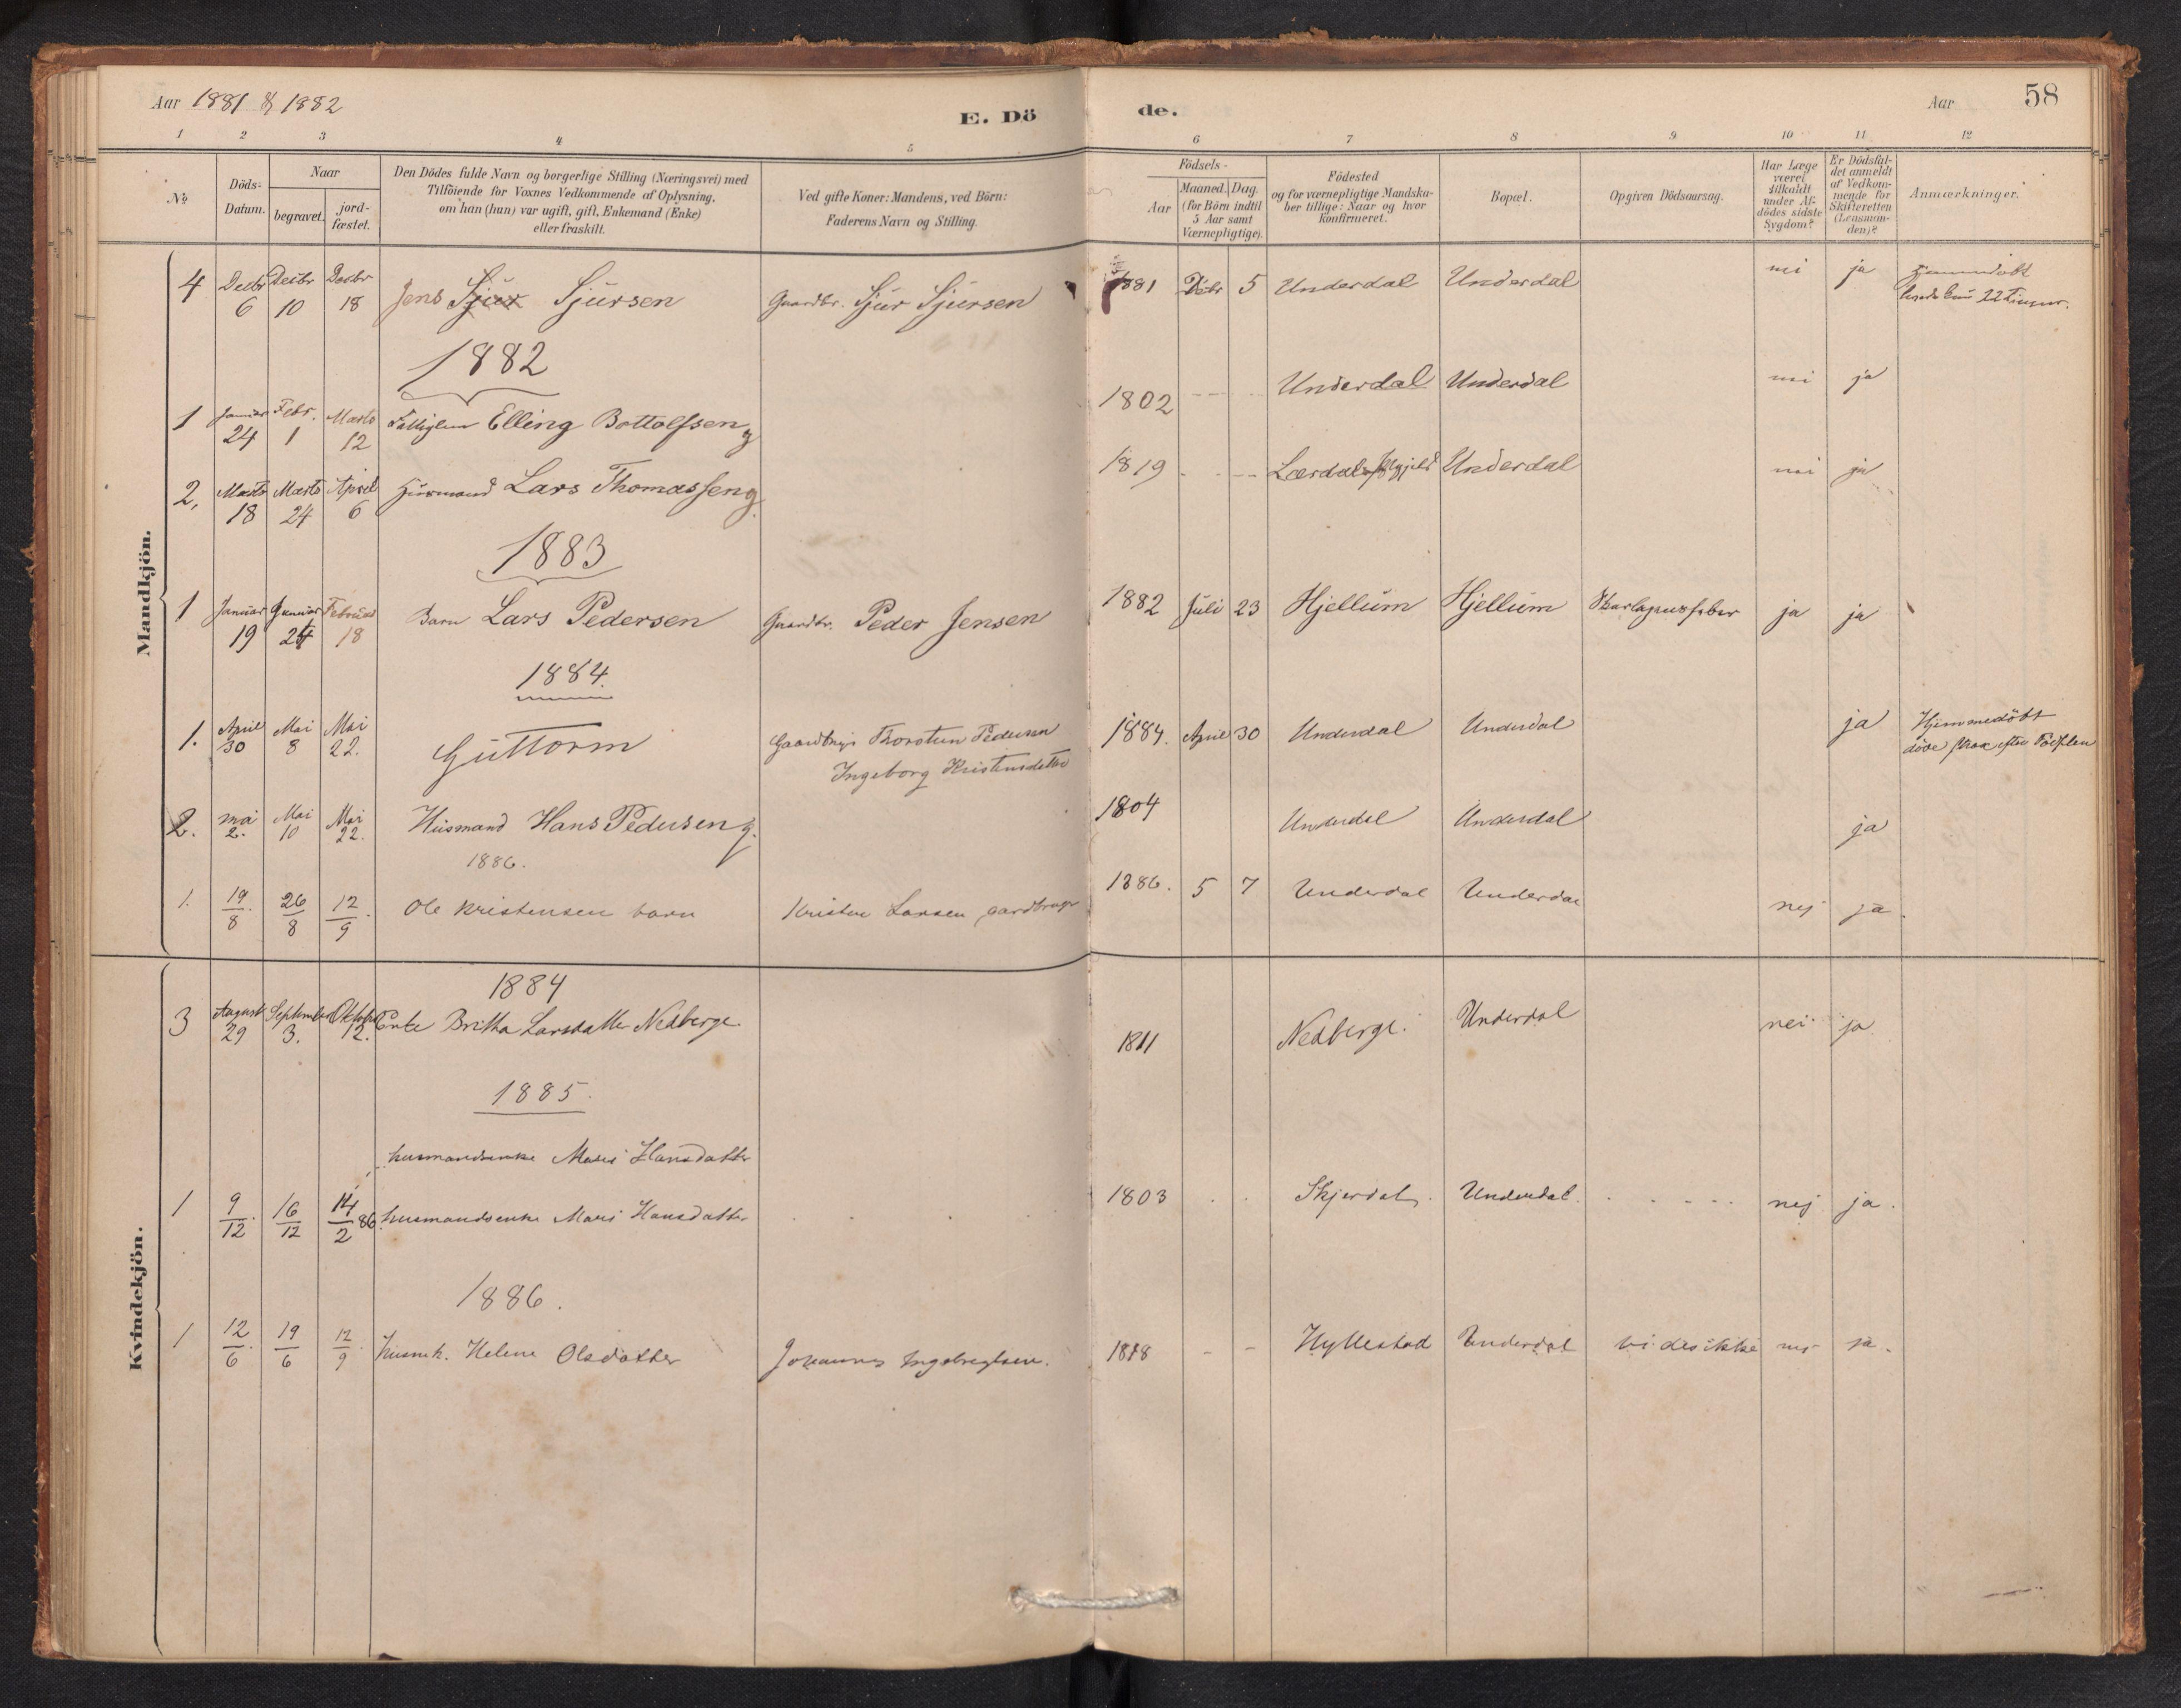 SAB, Aurland Sokneprestembete*, Ministerialbok nr. E 1, 1880-1907, s. 57b-58a